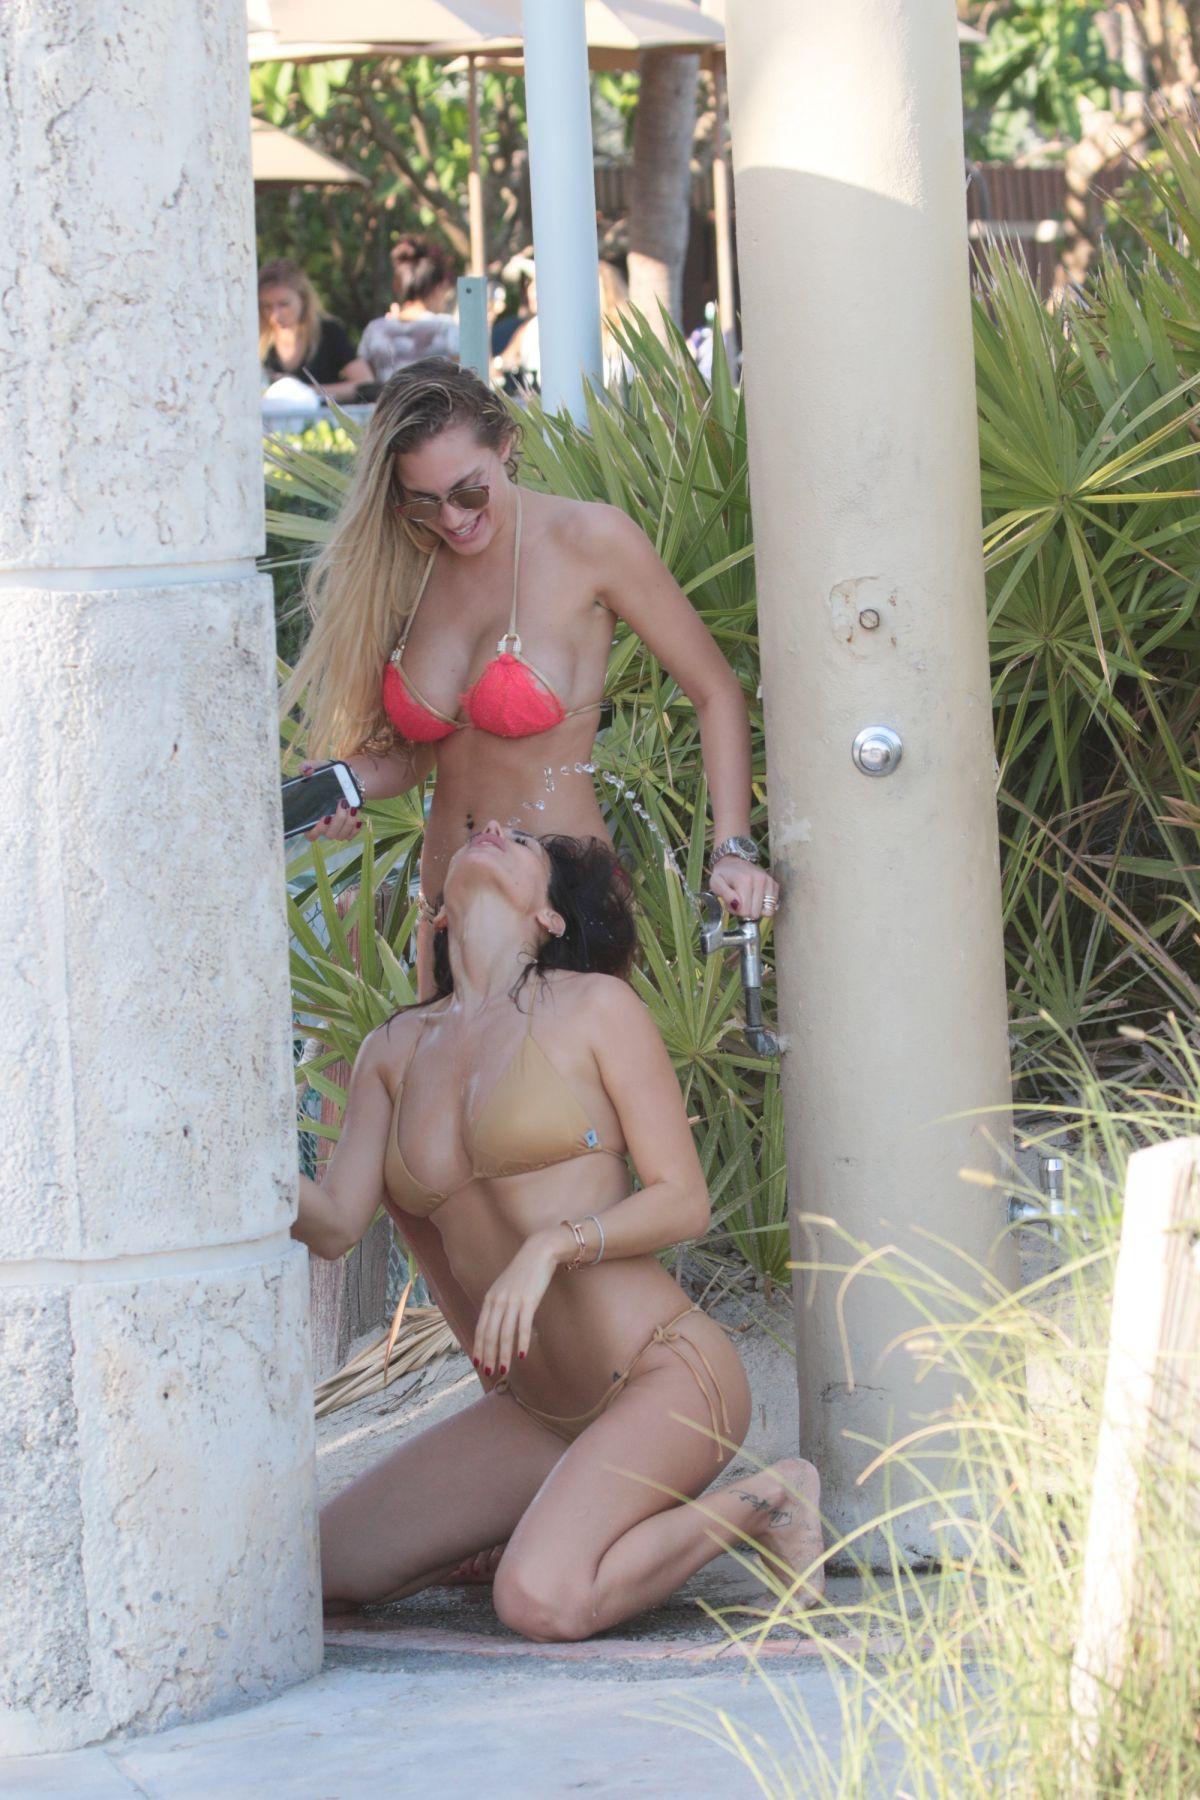 Livia Canalis and Francesca Brambilla in Bikini in Miami Beach Pic 2 of 35